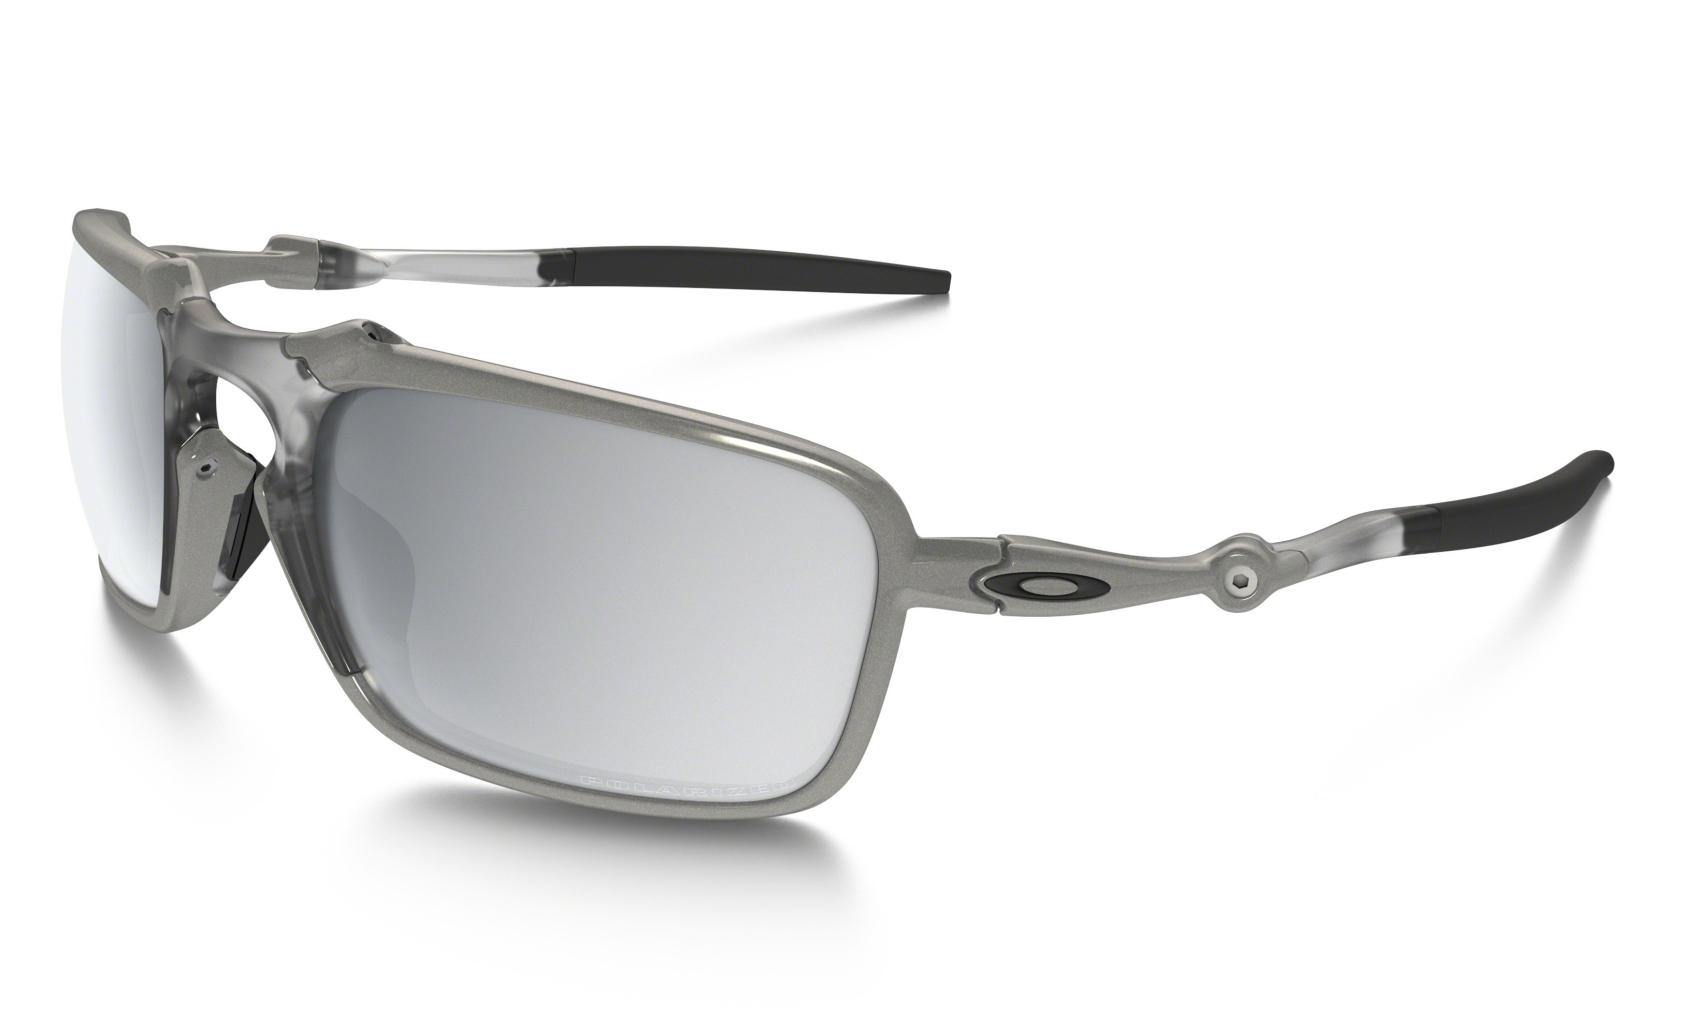 7df91c61ffe Oakley Badman X Ti w  Chrome Iridium Polarized - nz